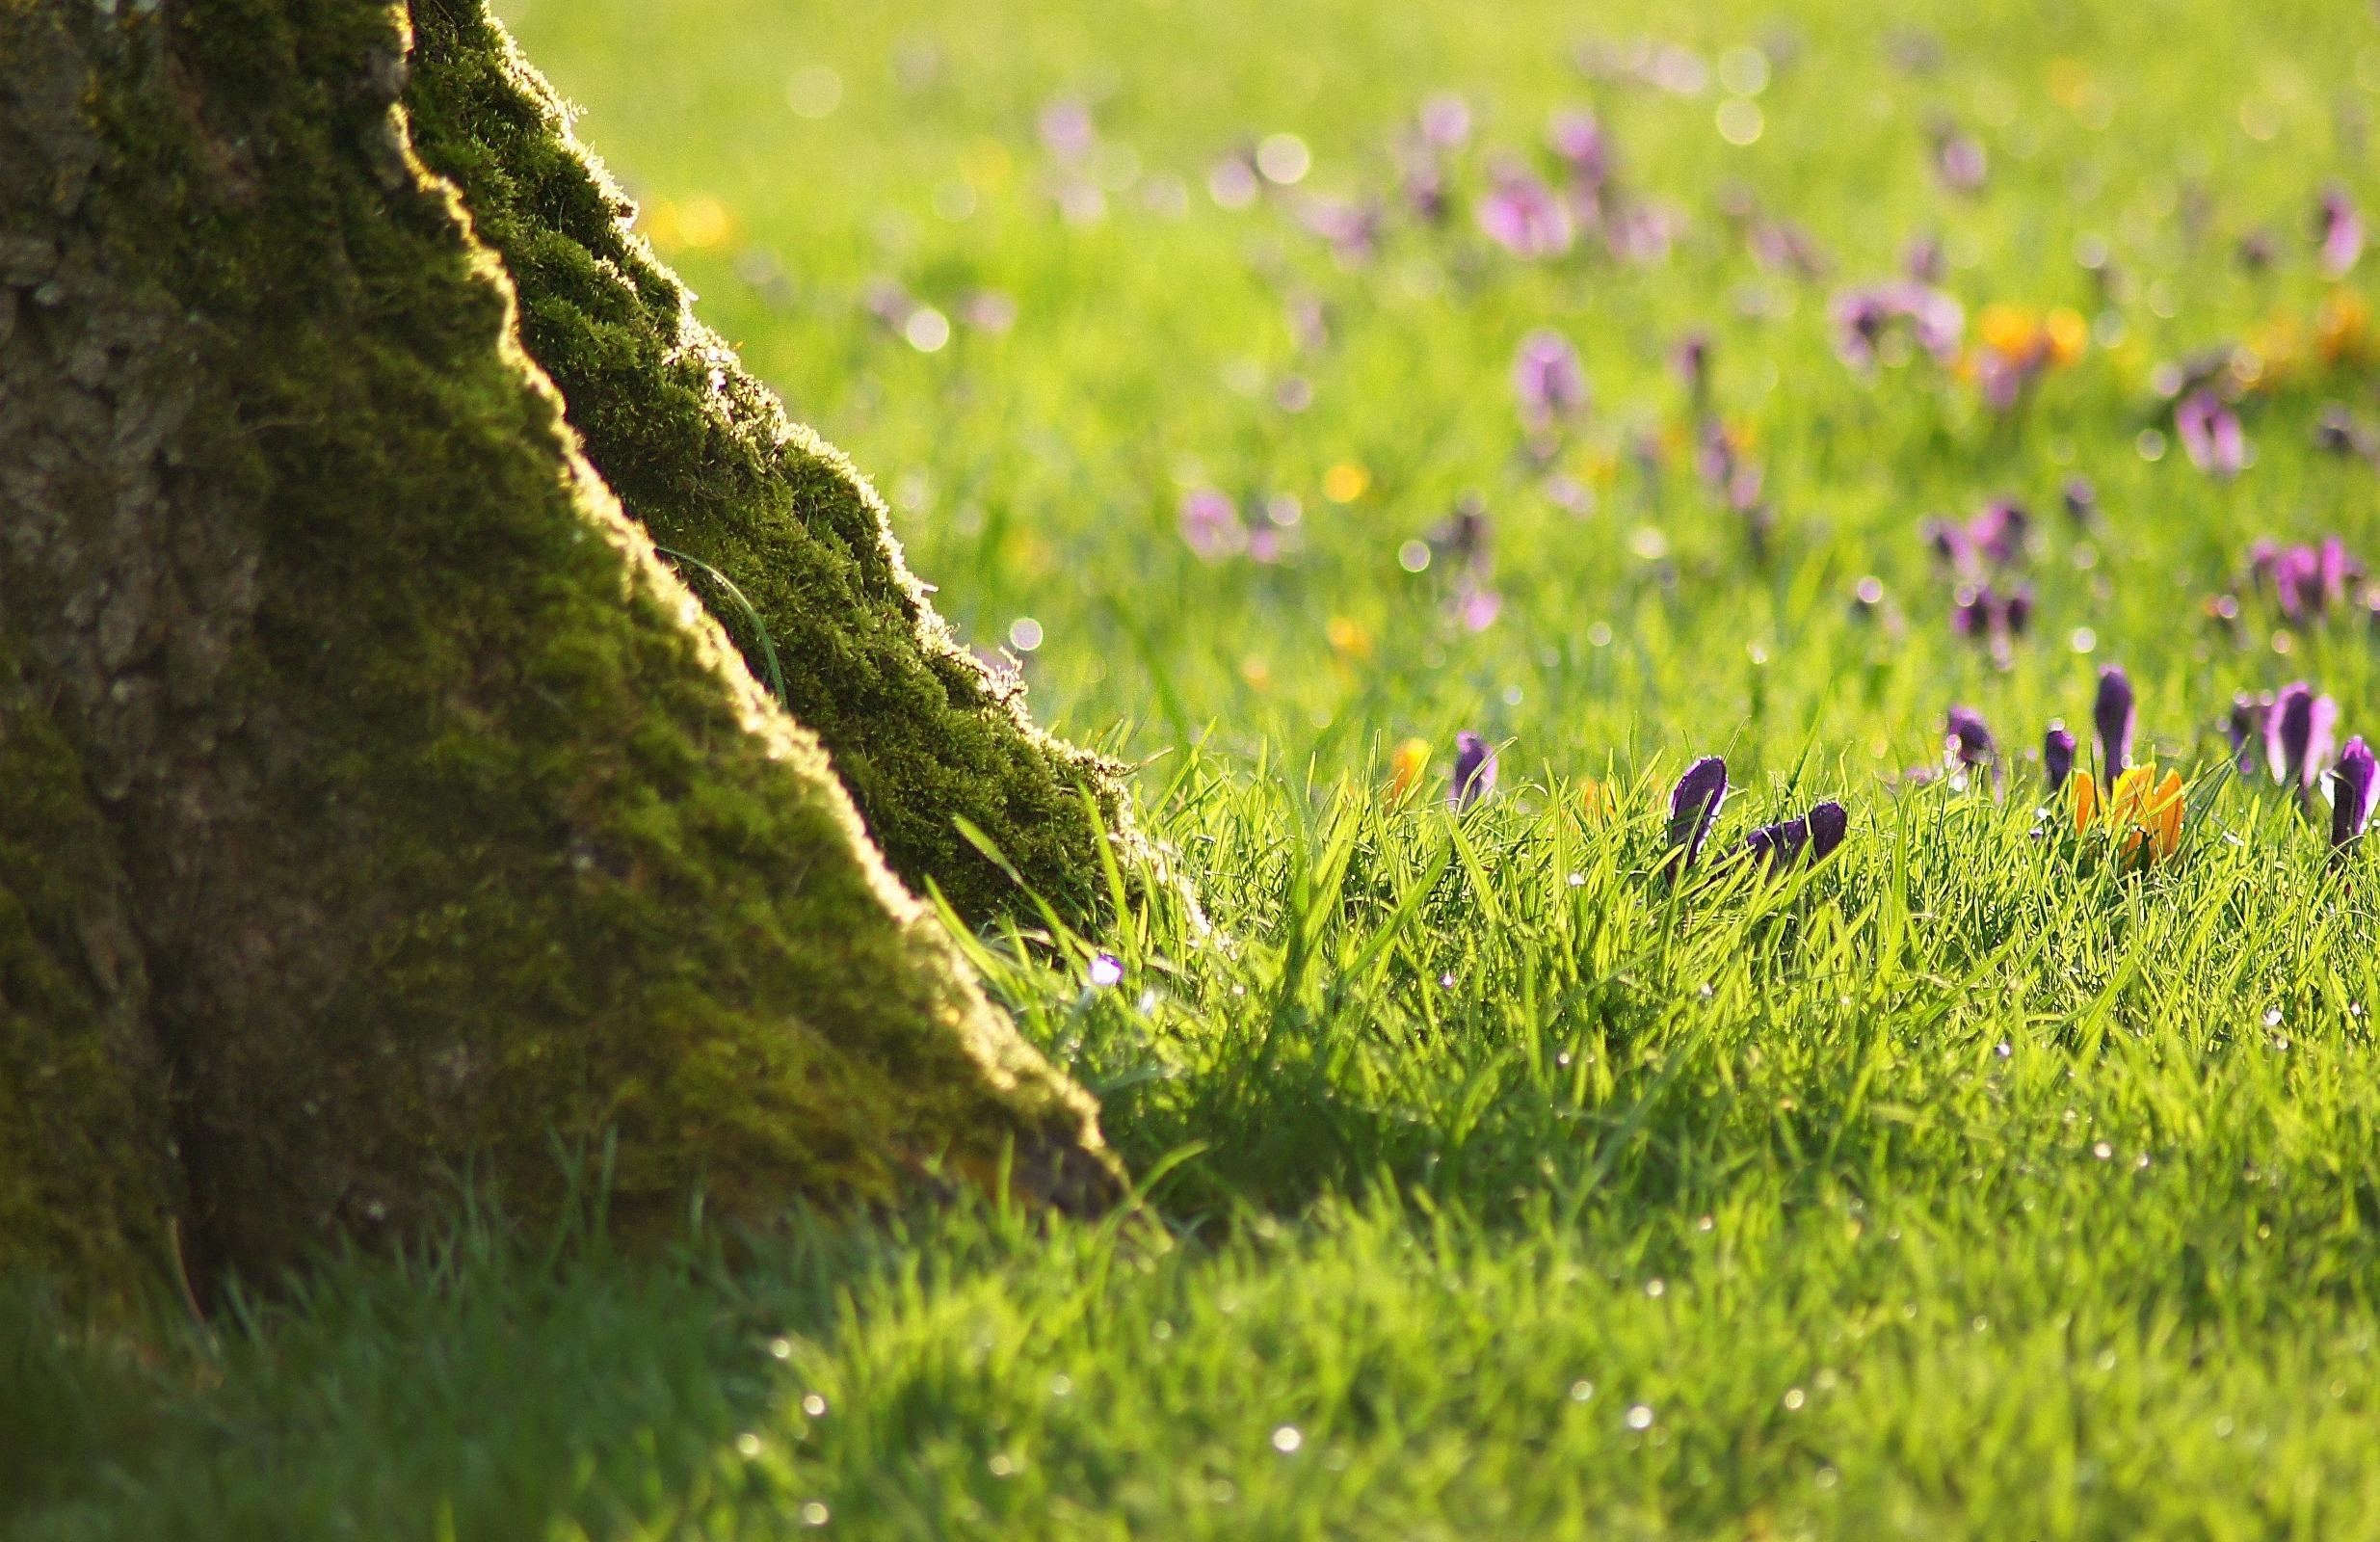 цветы трава загрузить